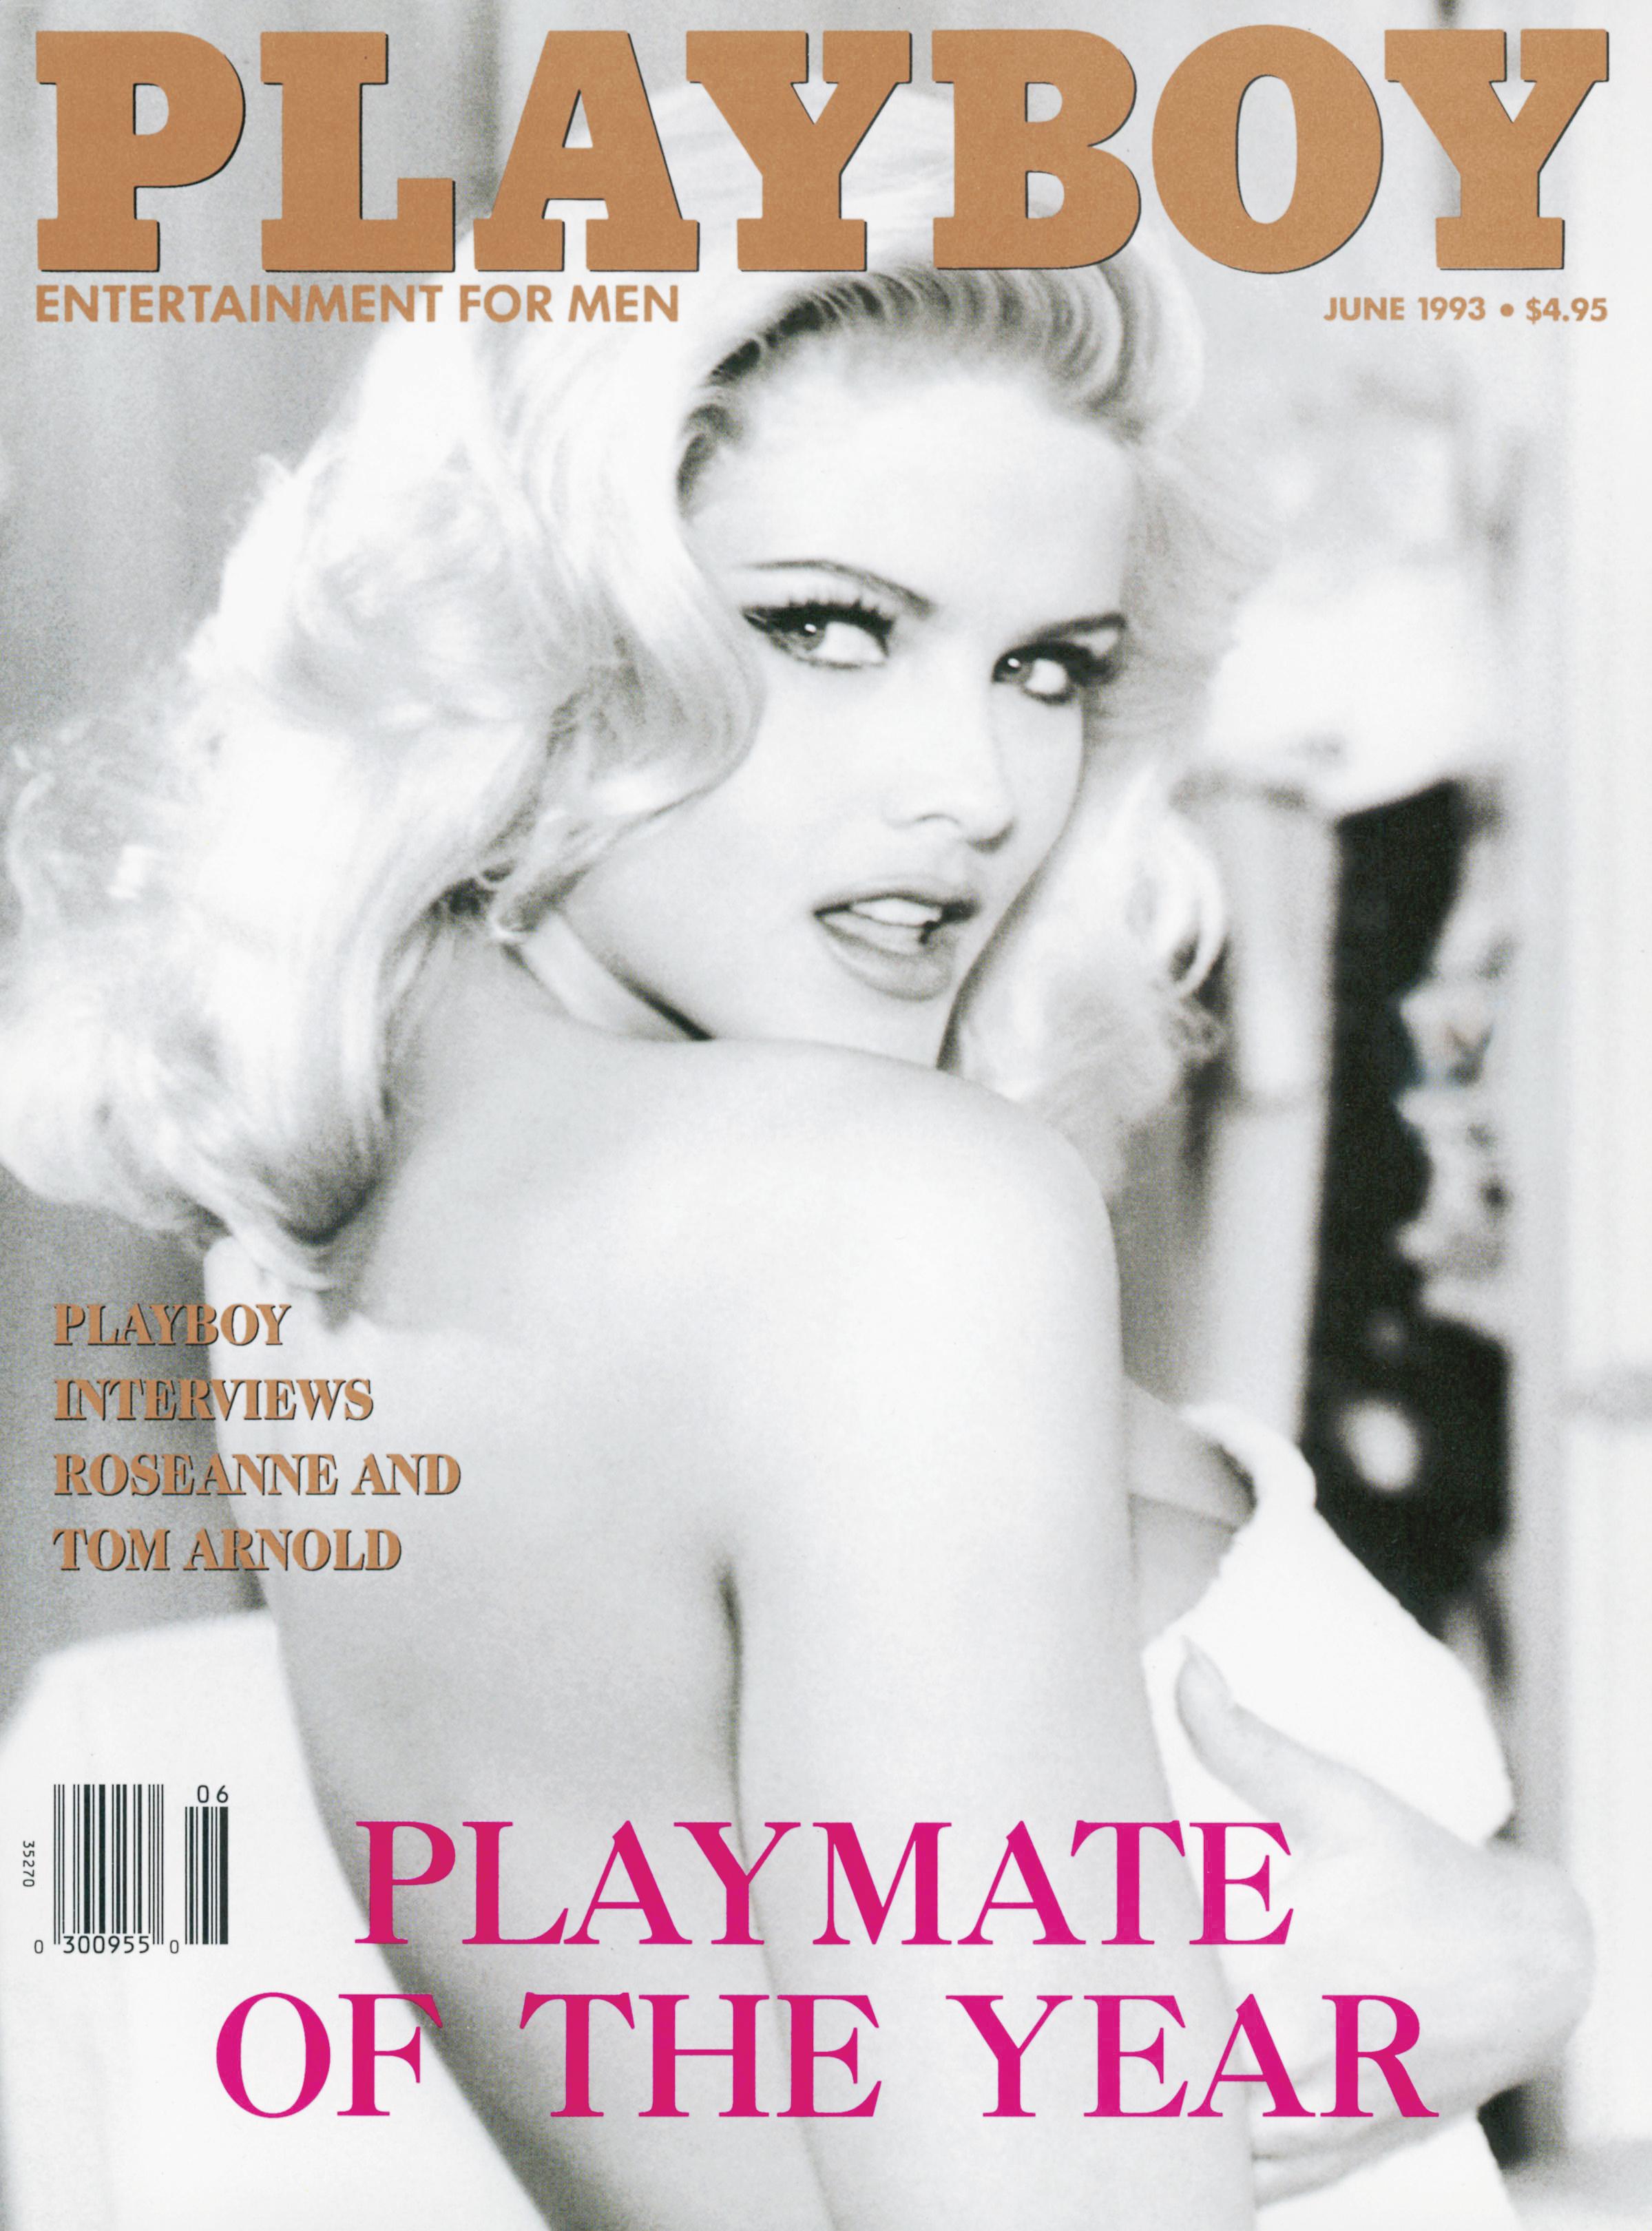 (AP Photo/Playboy)